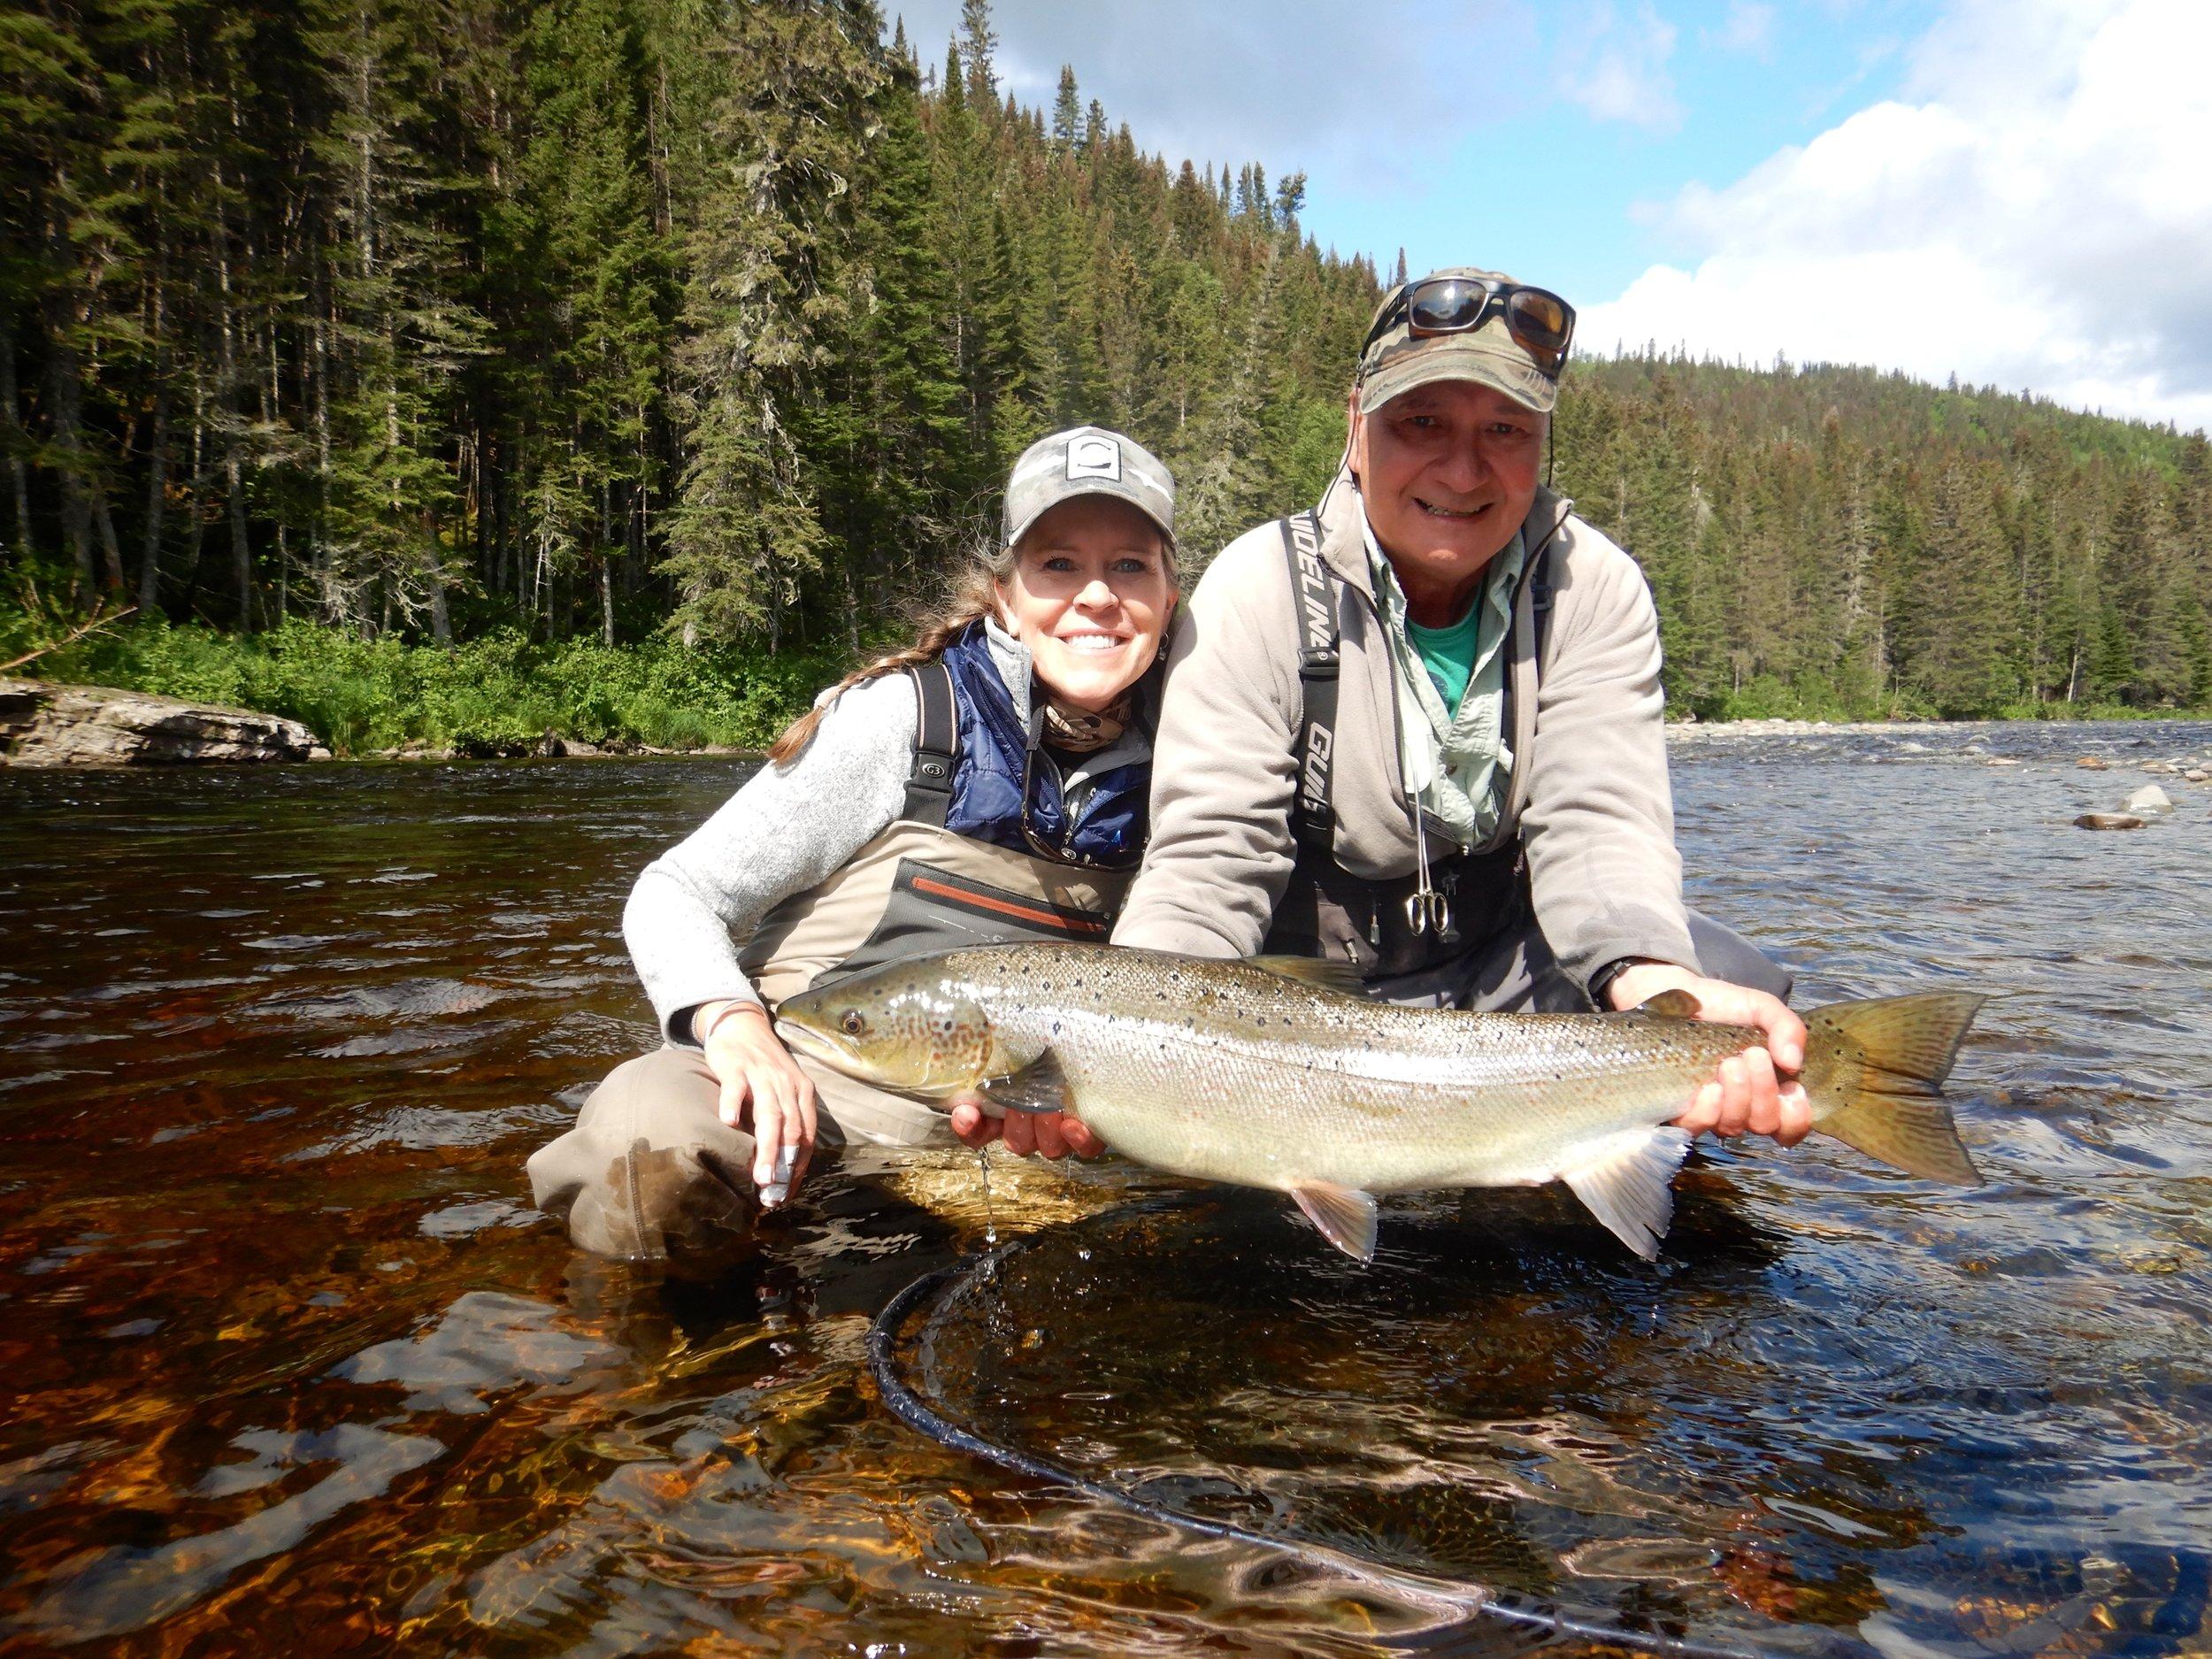 Mette Mortensen remet dans la Cascapédia un magnifique saumon femelle avec l'aide de notre fabuleux guide, Clément Bernier! Félicitations, Mette!